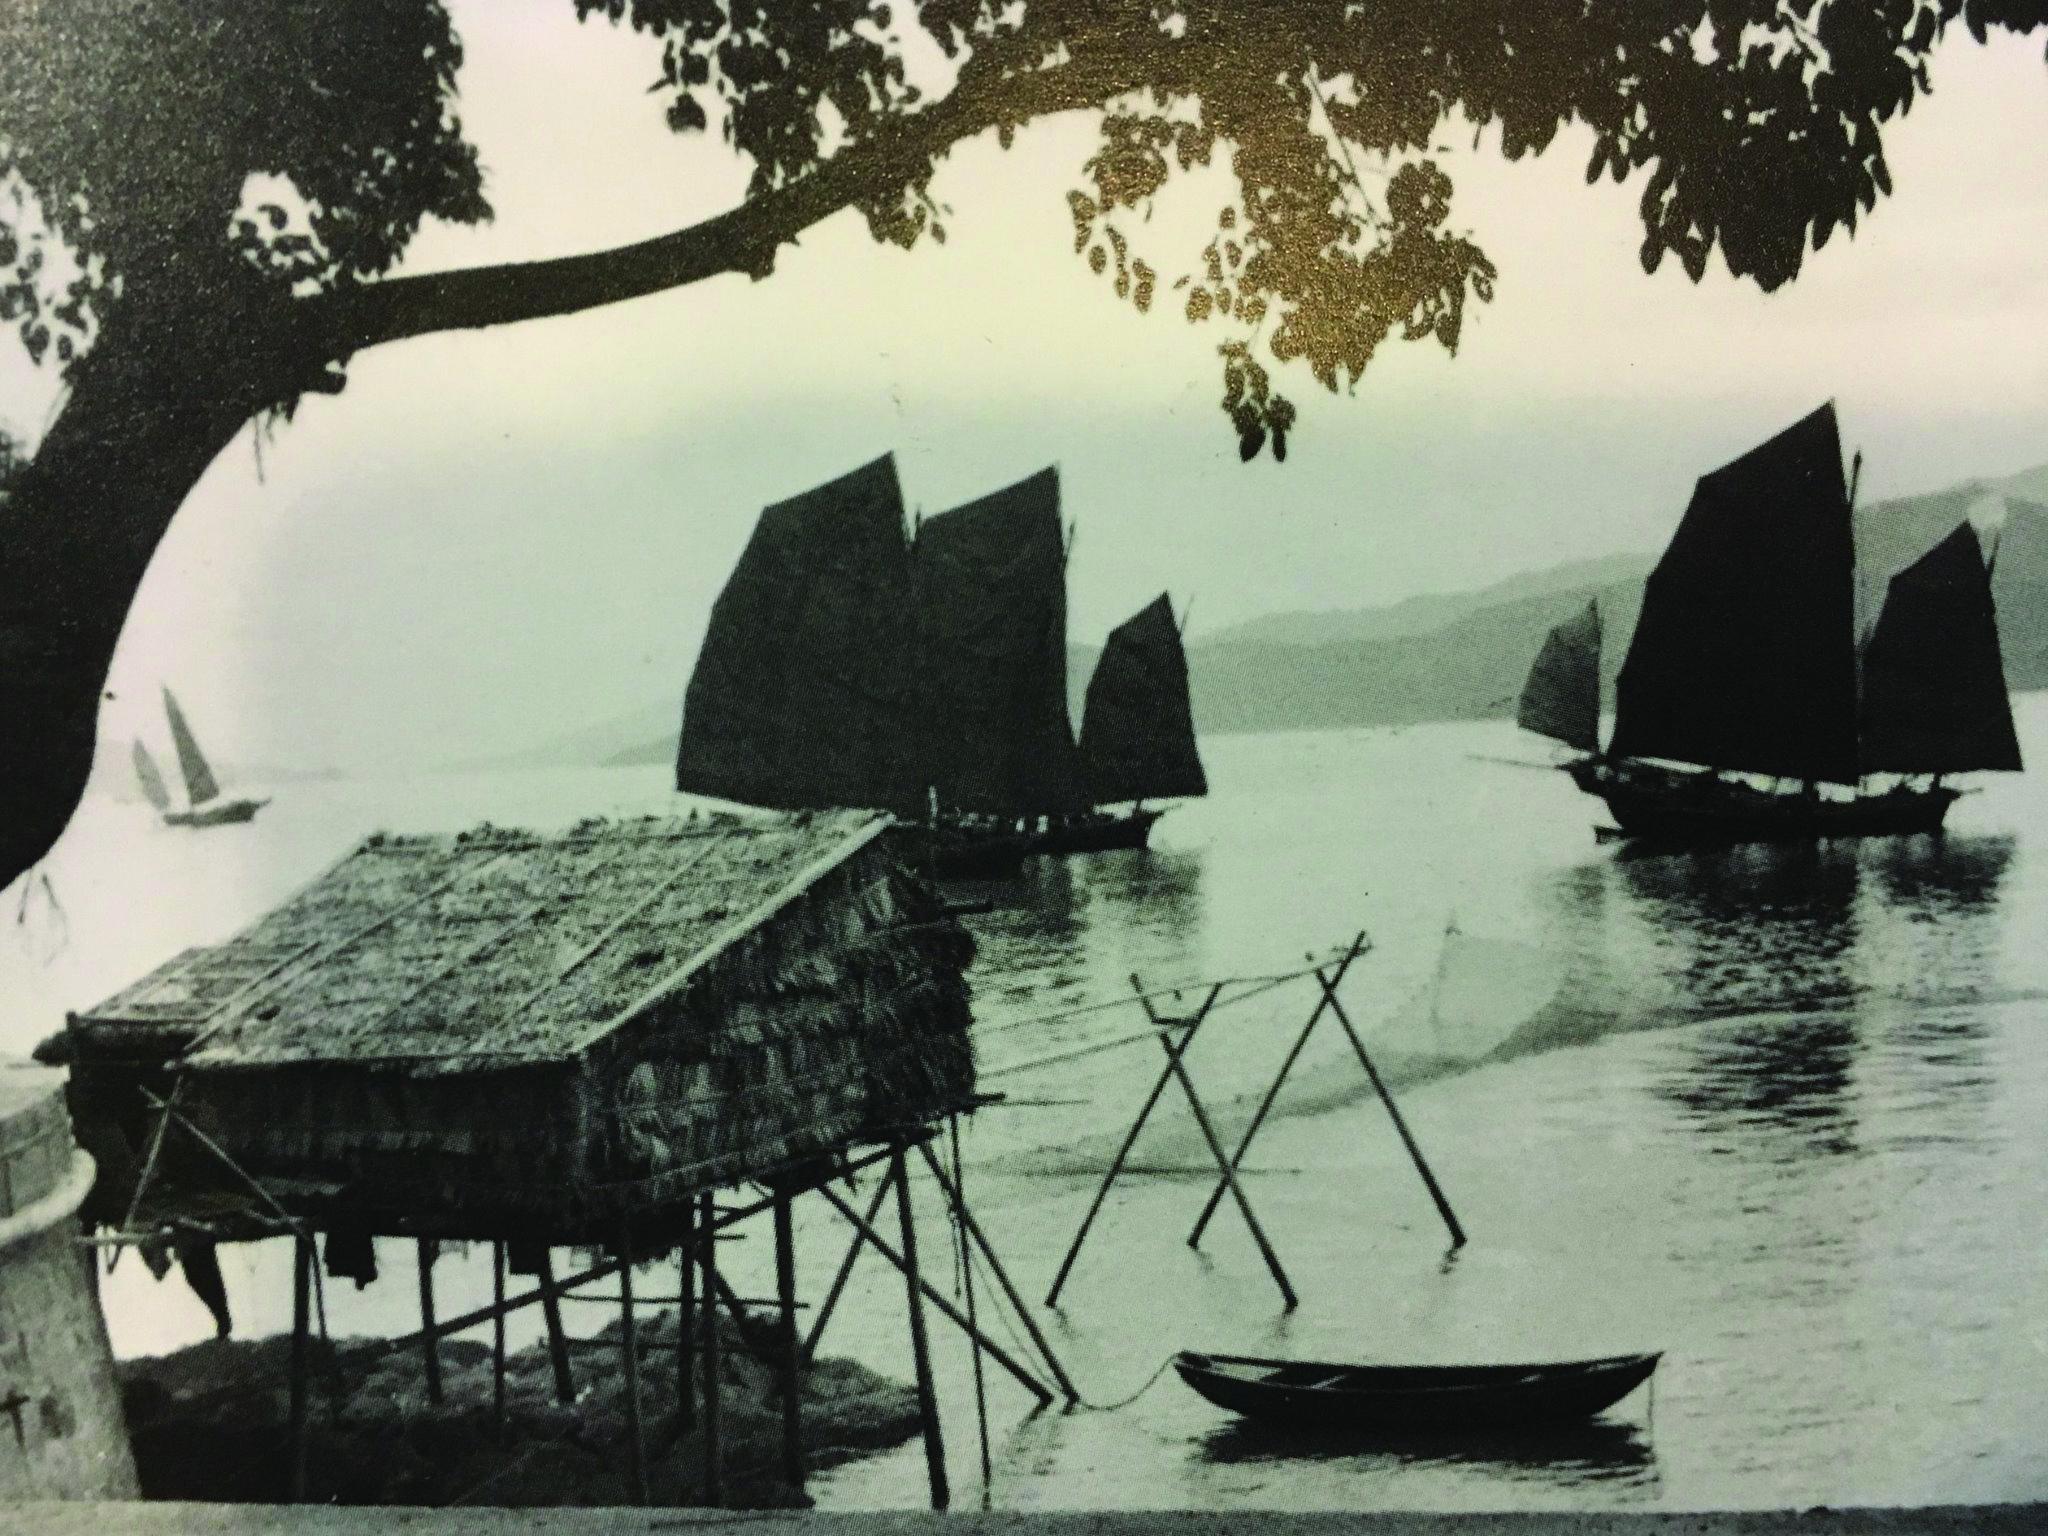 Festival | Evento pioneiro festeja oceanos